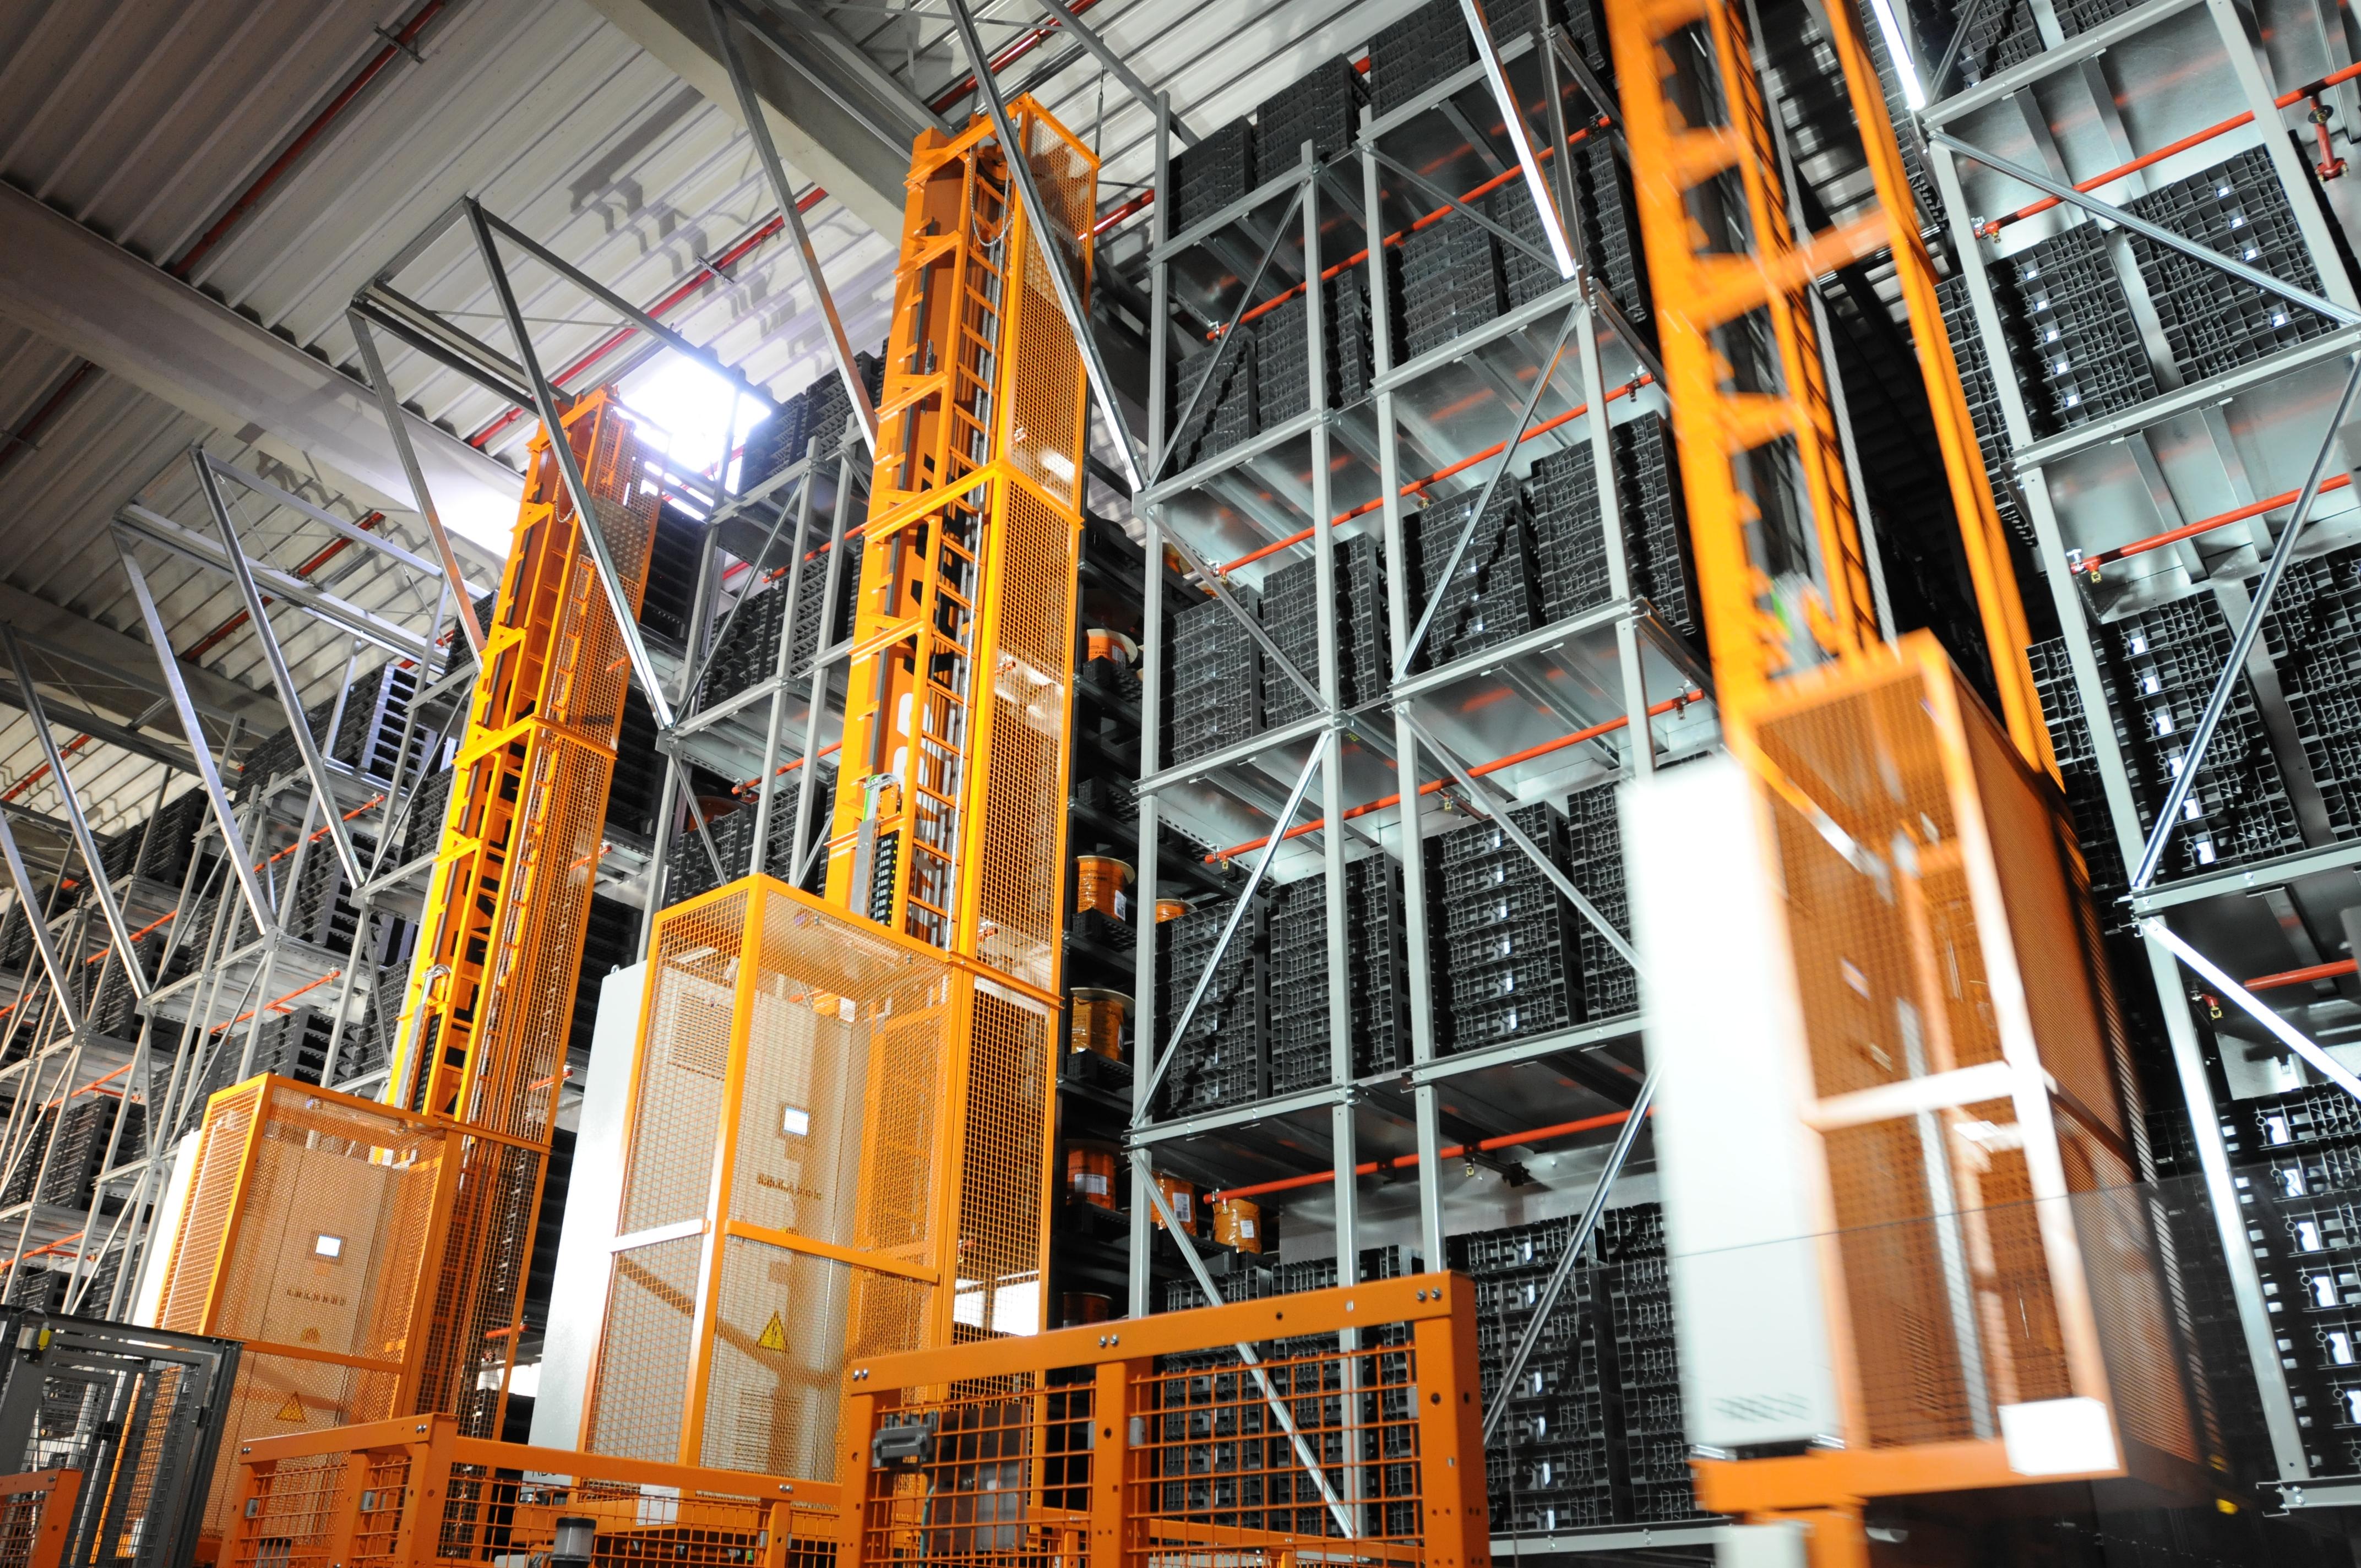 Soluciones Para Almacenes Logísticos Y Centros De Distribución Wetron